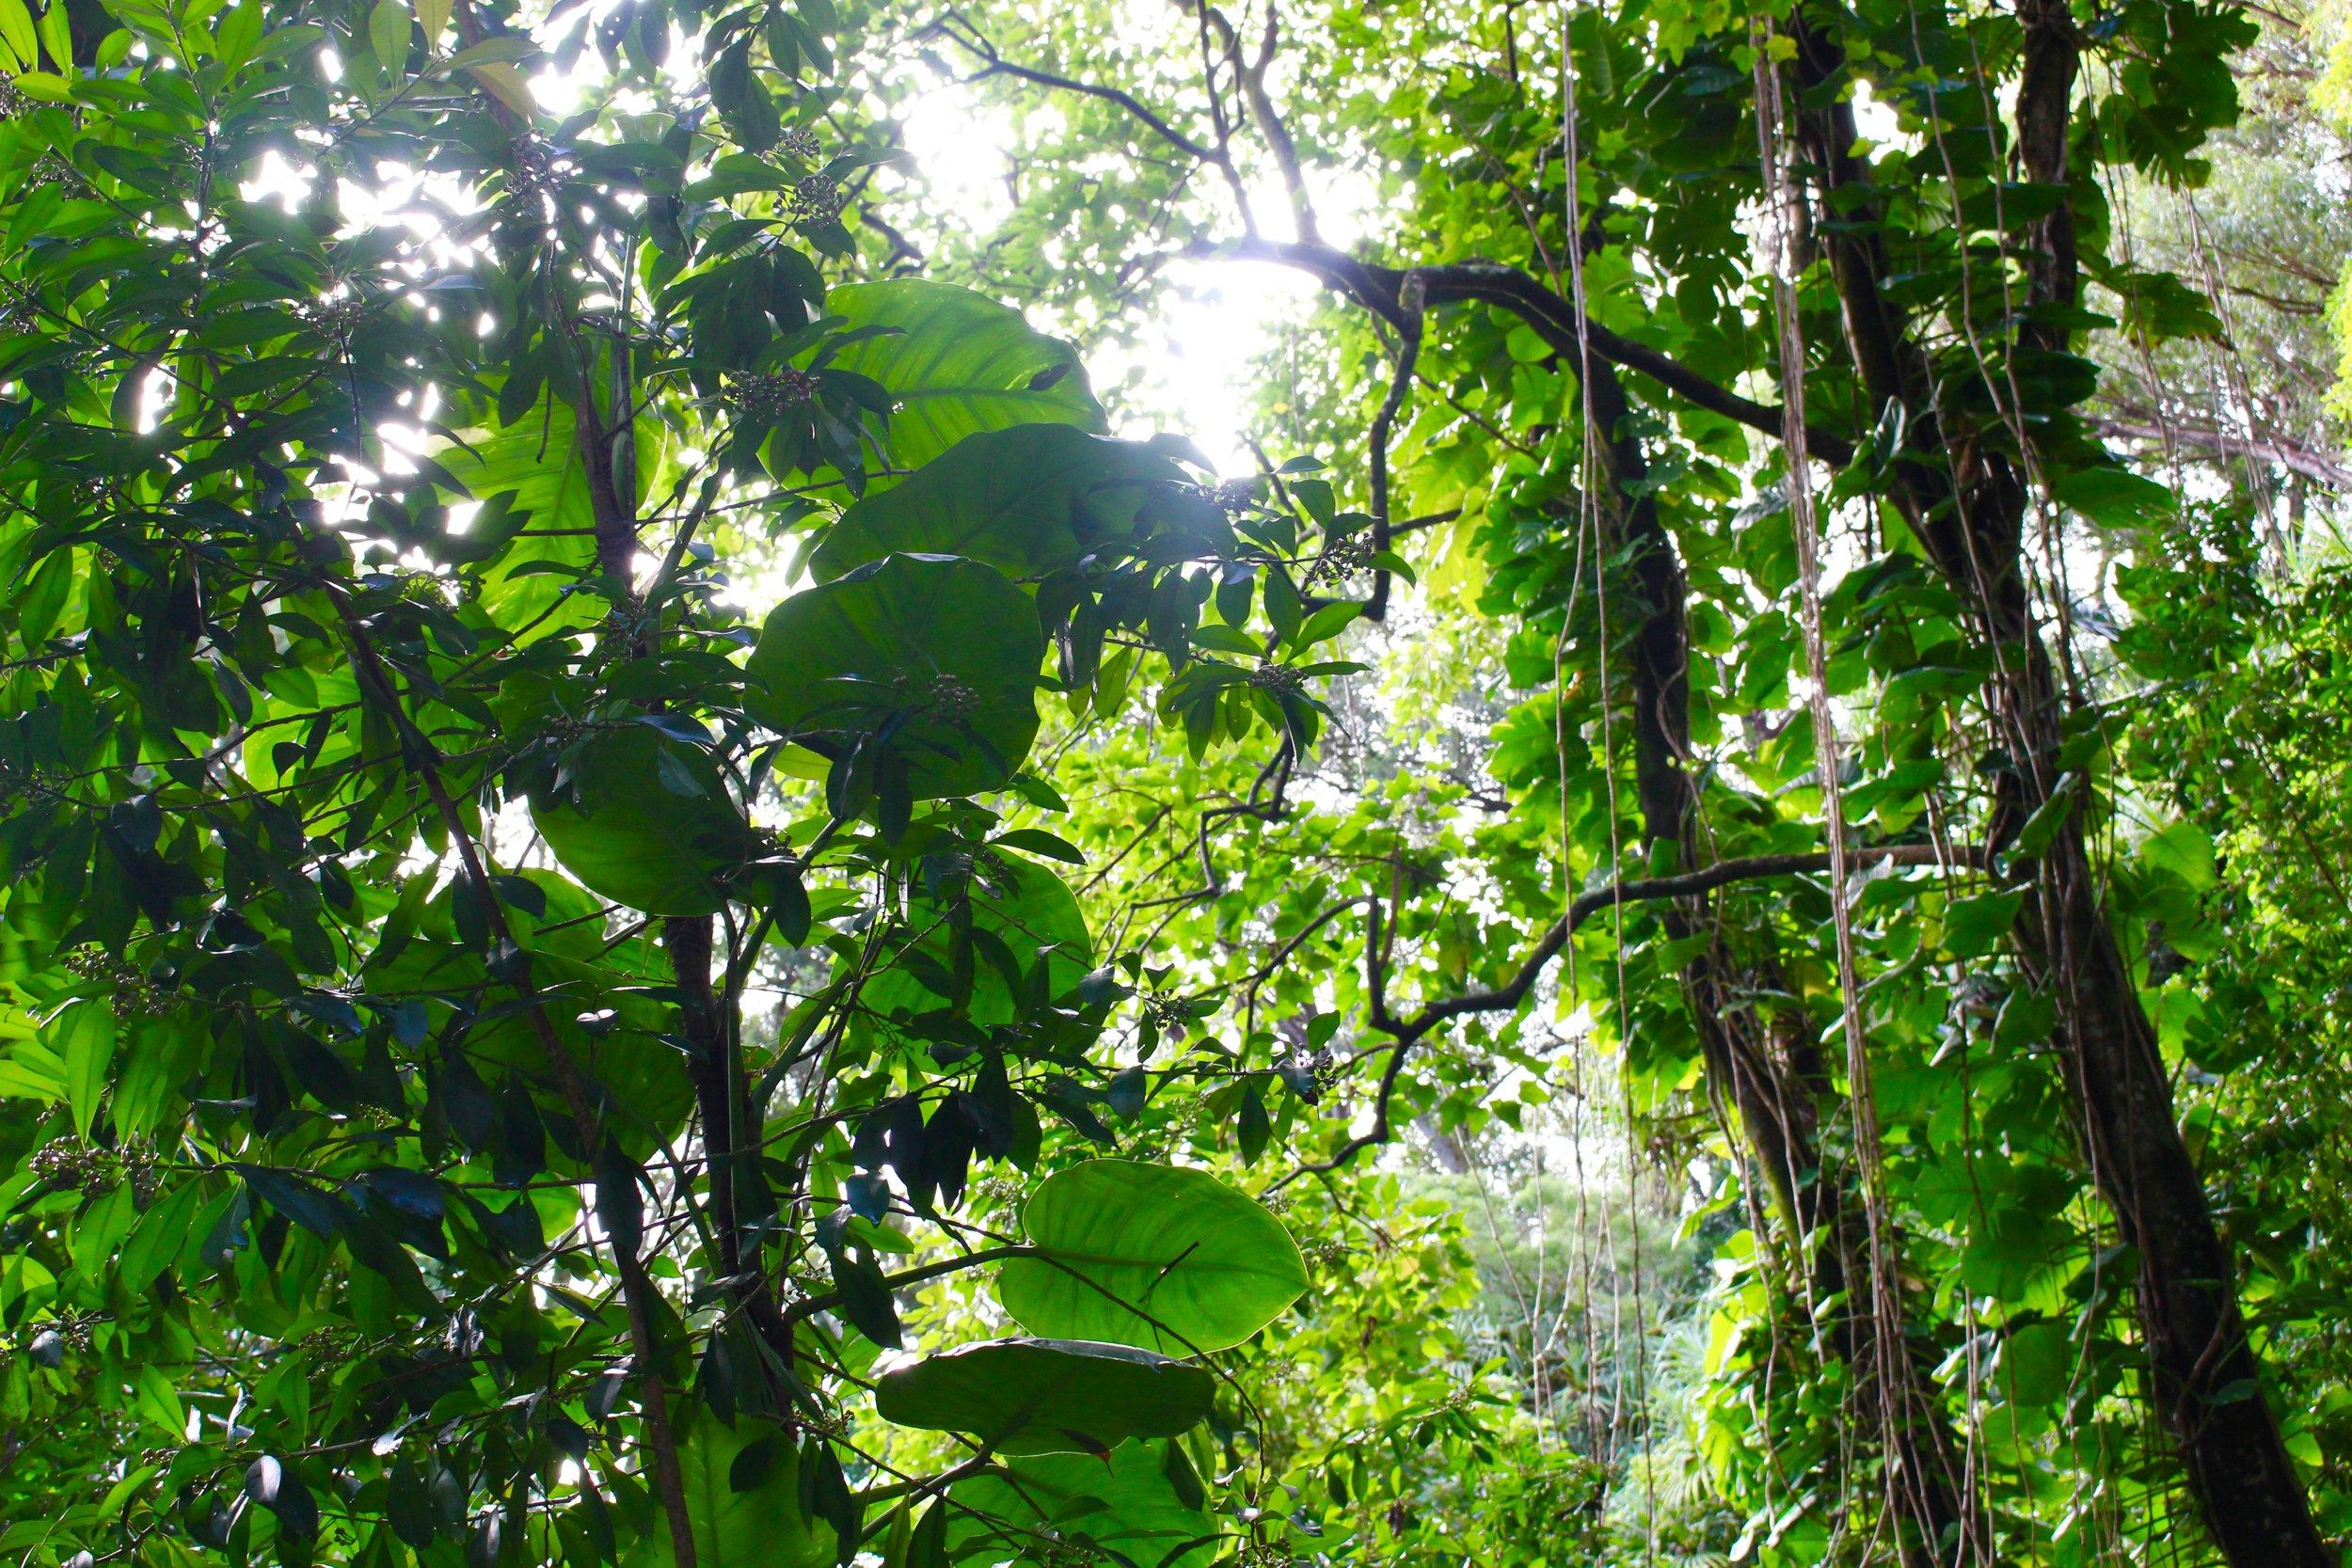 The Waikamoi Ridge Trail